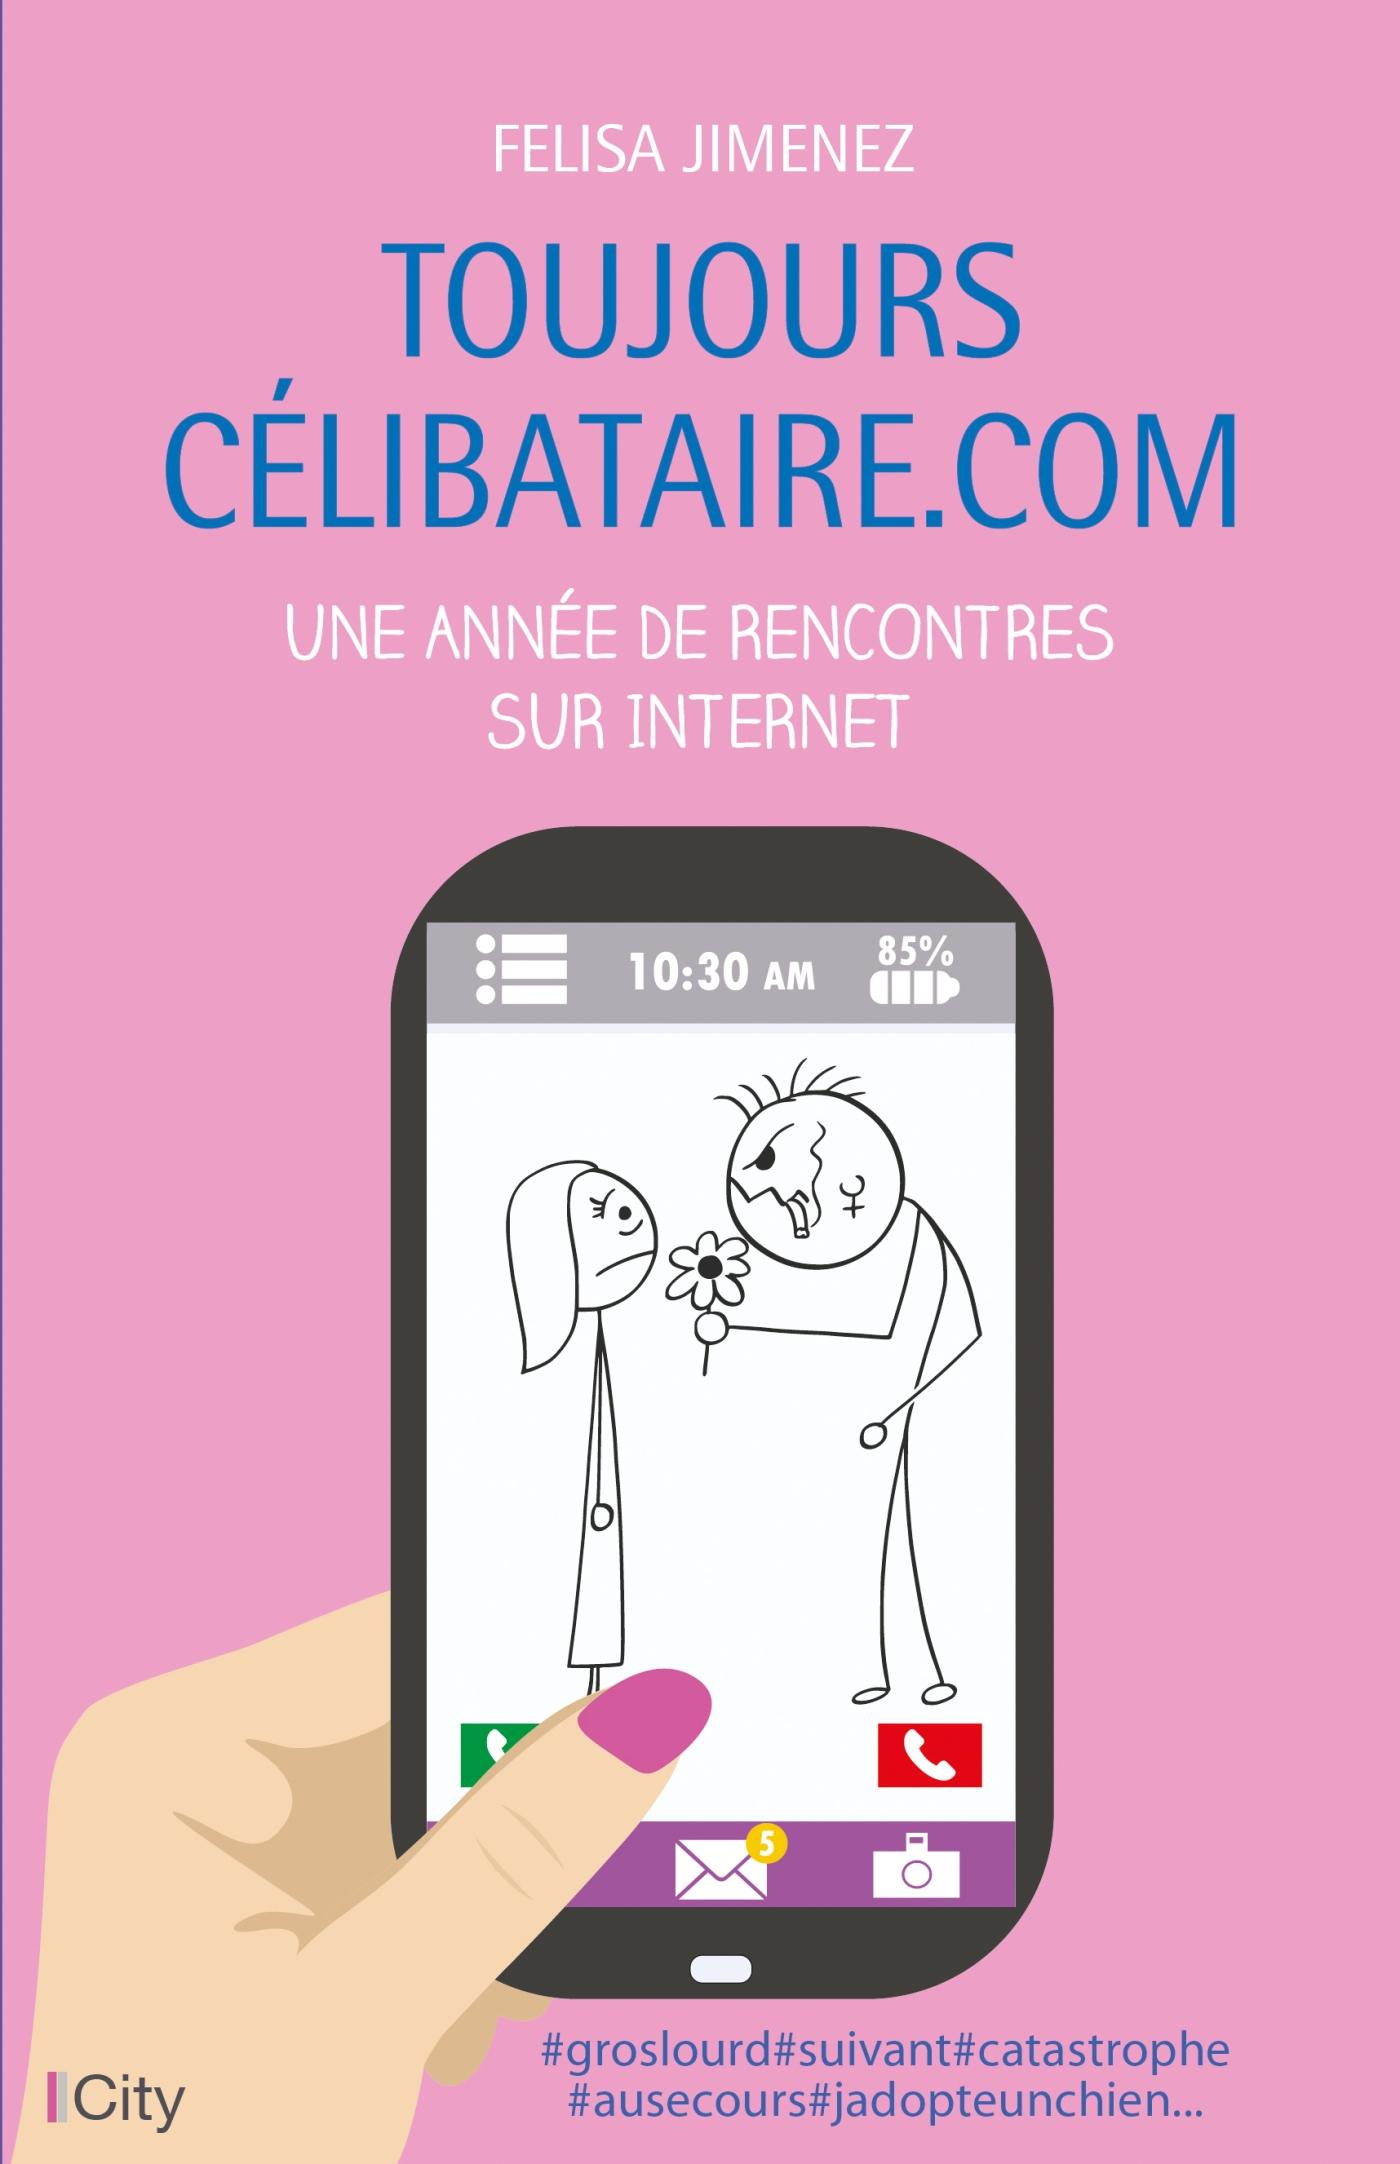 Toujours célibataire.com